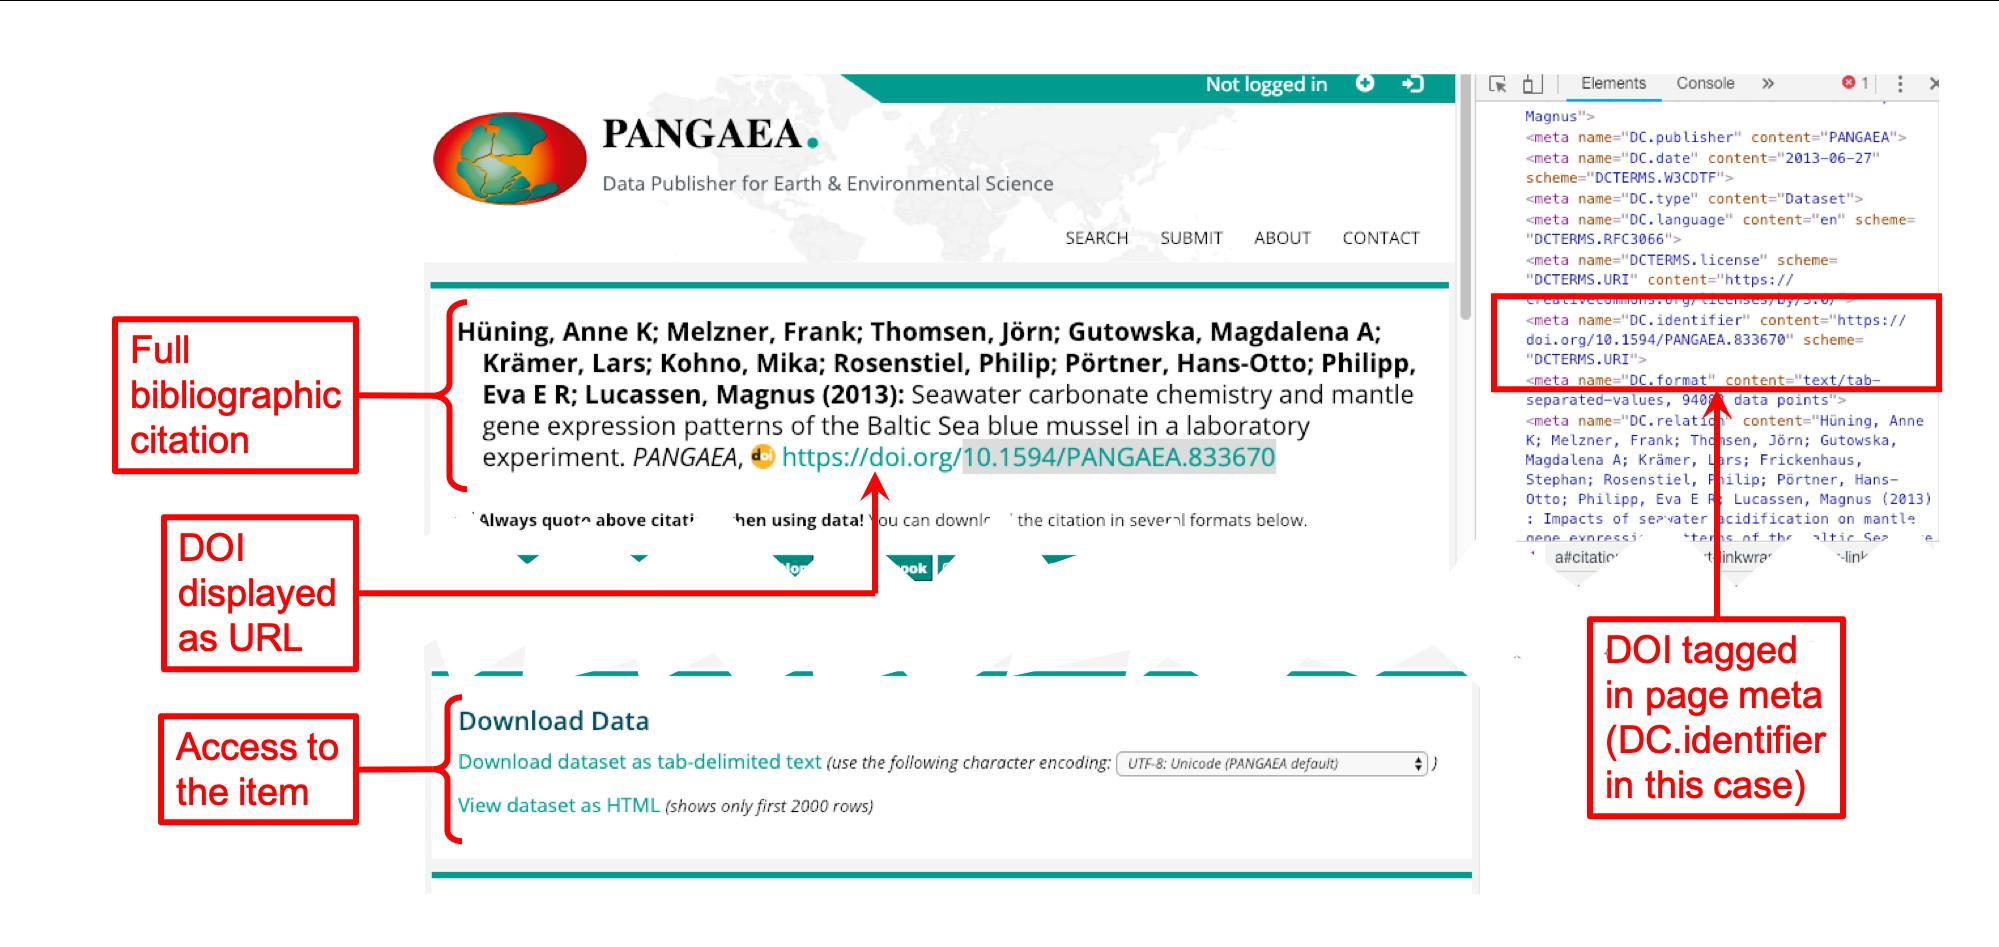 PANGAEA landing page